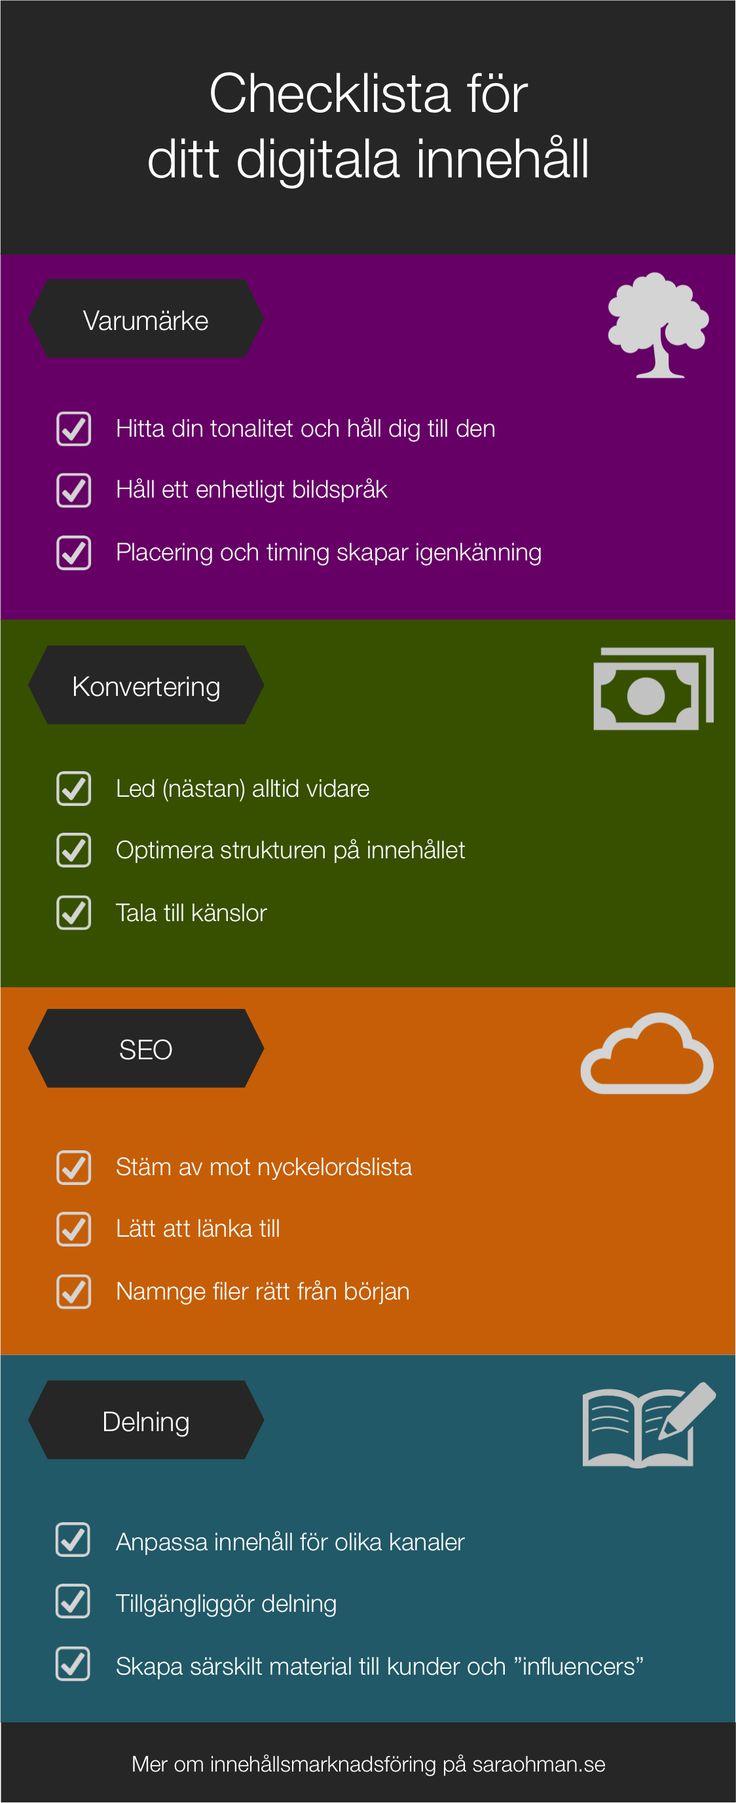 Checklista för ditt digitala innehåll